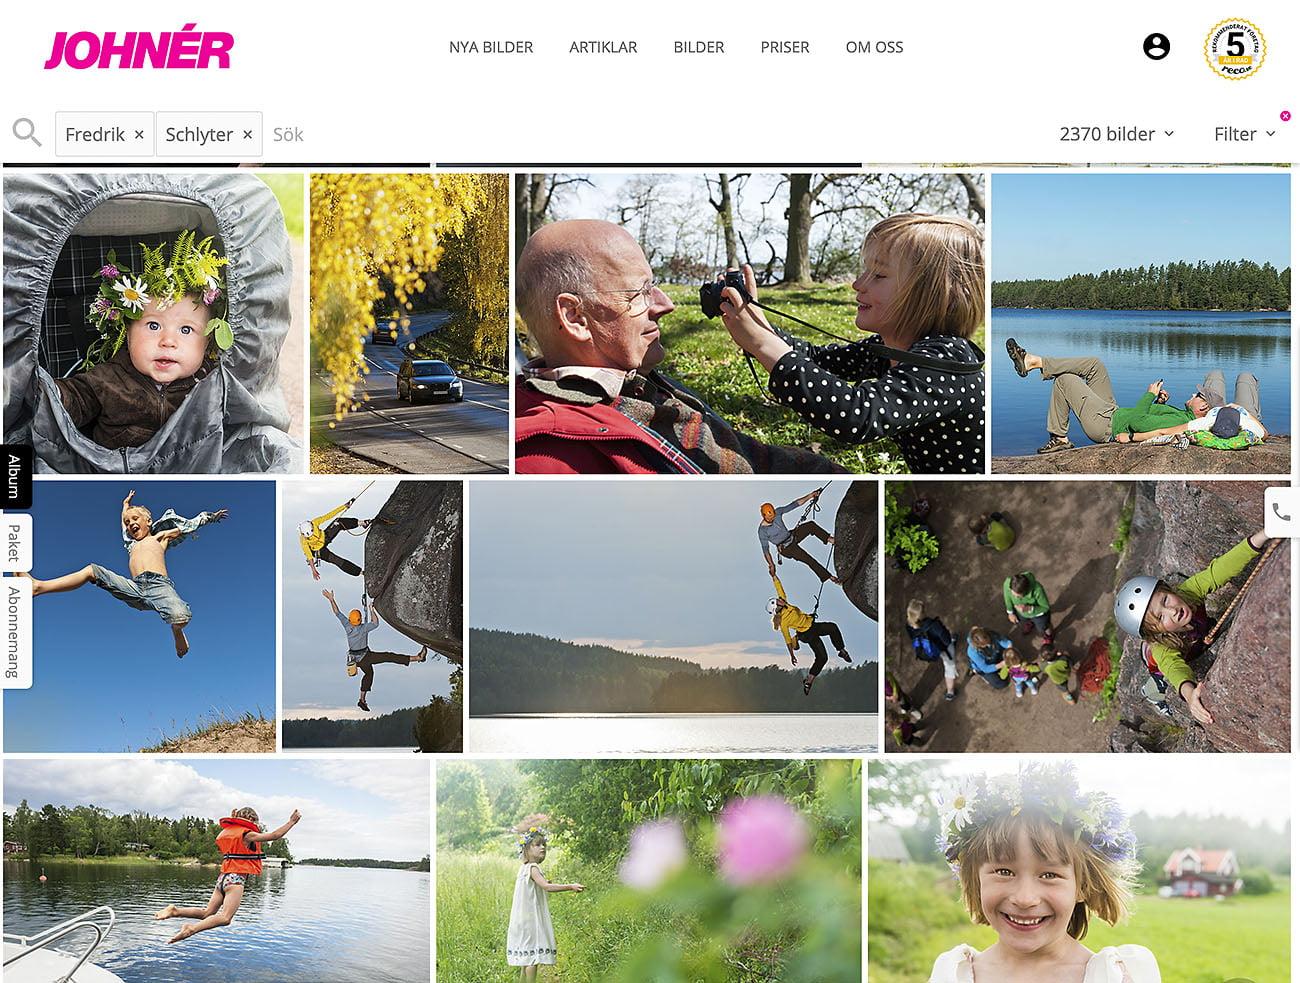 Bildarkiv Bildbyrå Östergötland Fotograf Fredrik Schlyter